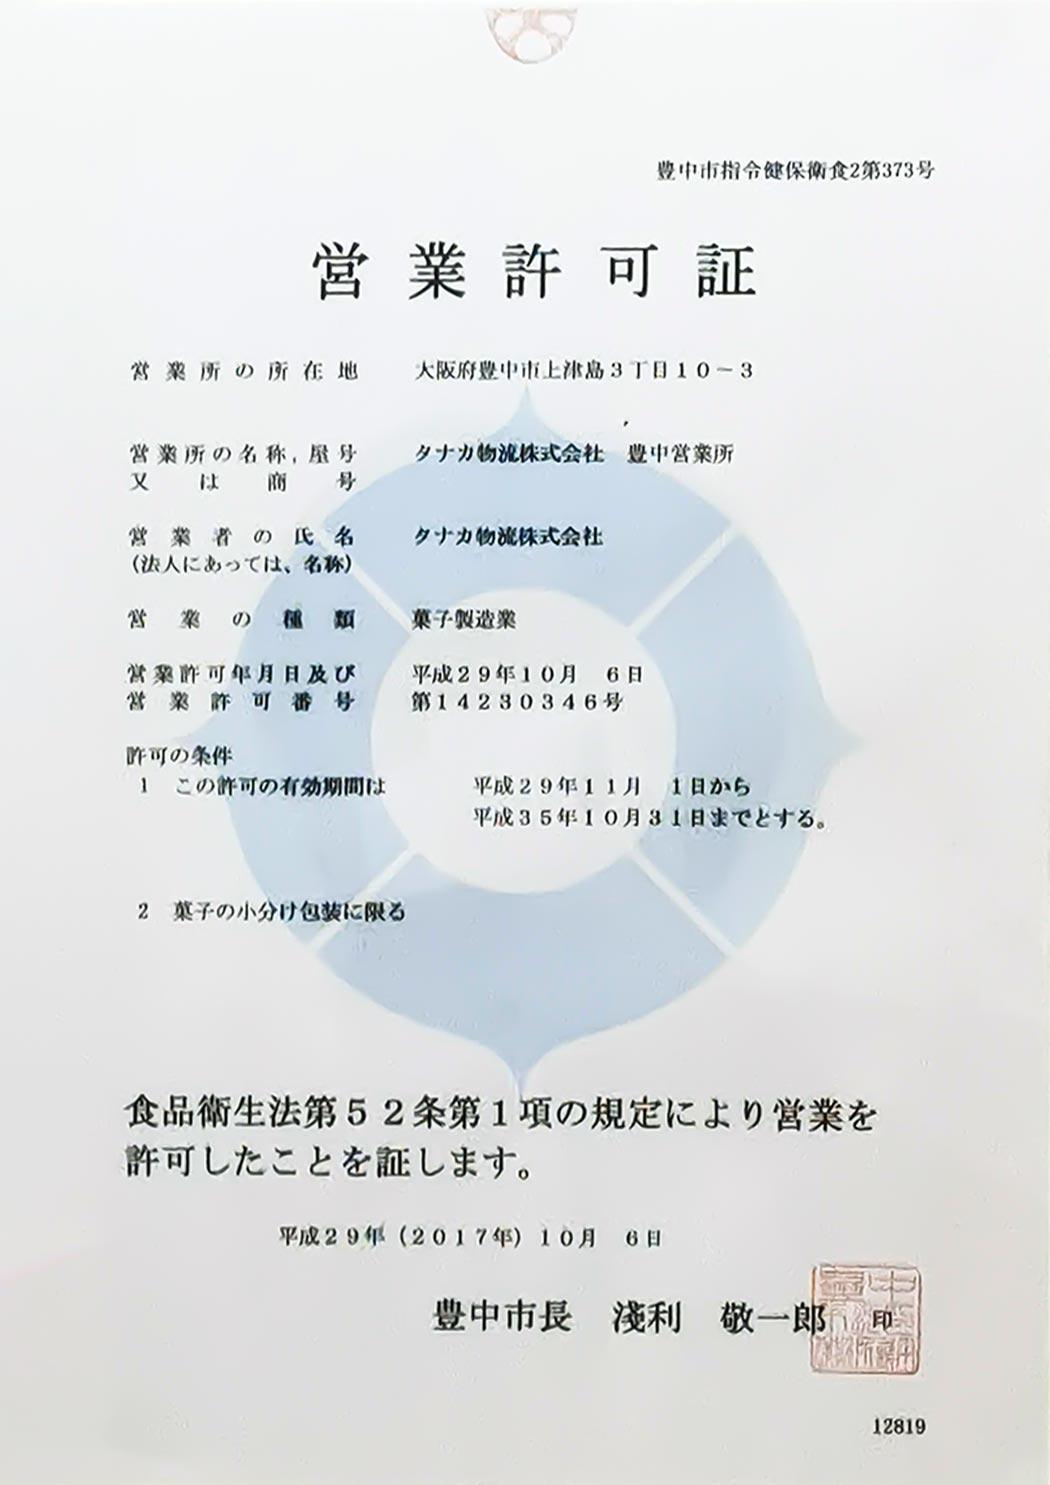 菓子製造業許可証(大阪府)